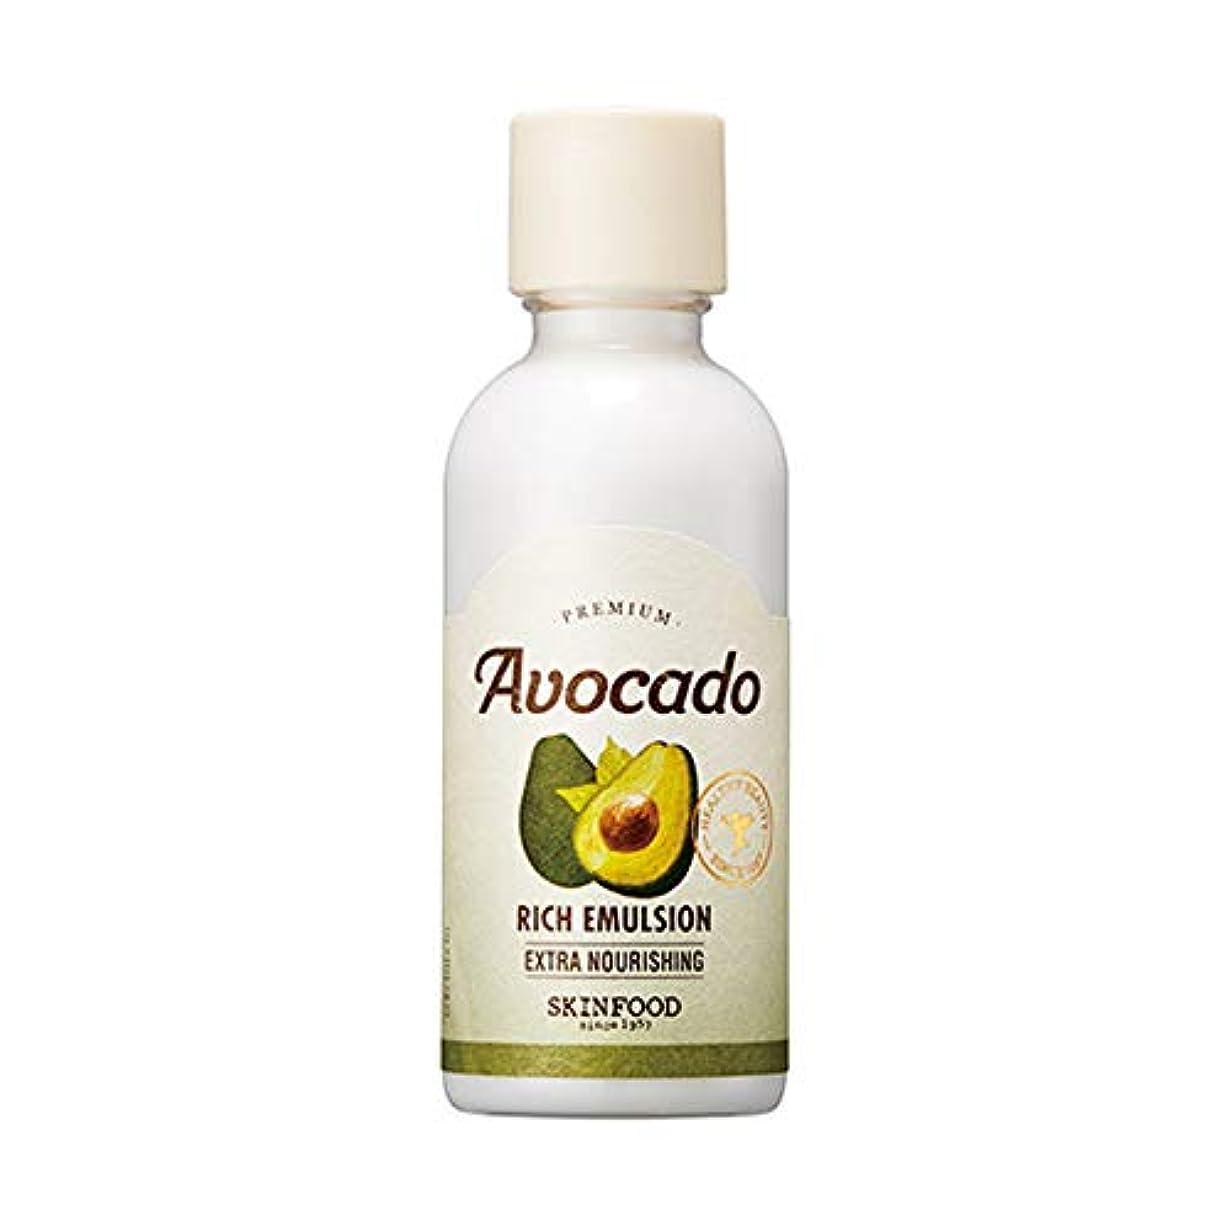 オッズ地区オデュッセウスSkinfood プレミアムアボカドリッチエマルジョン/Premium Avocado Rich Emulsion 160ml [並行輸入品]